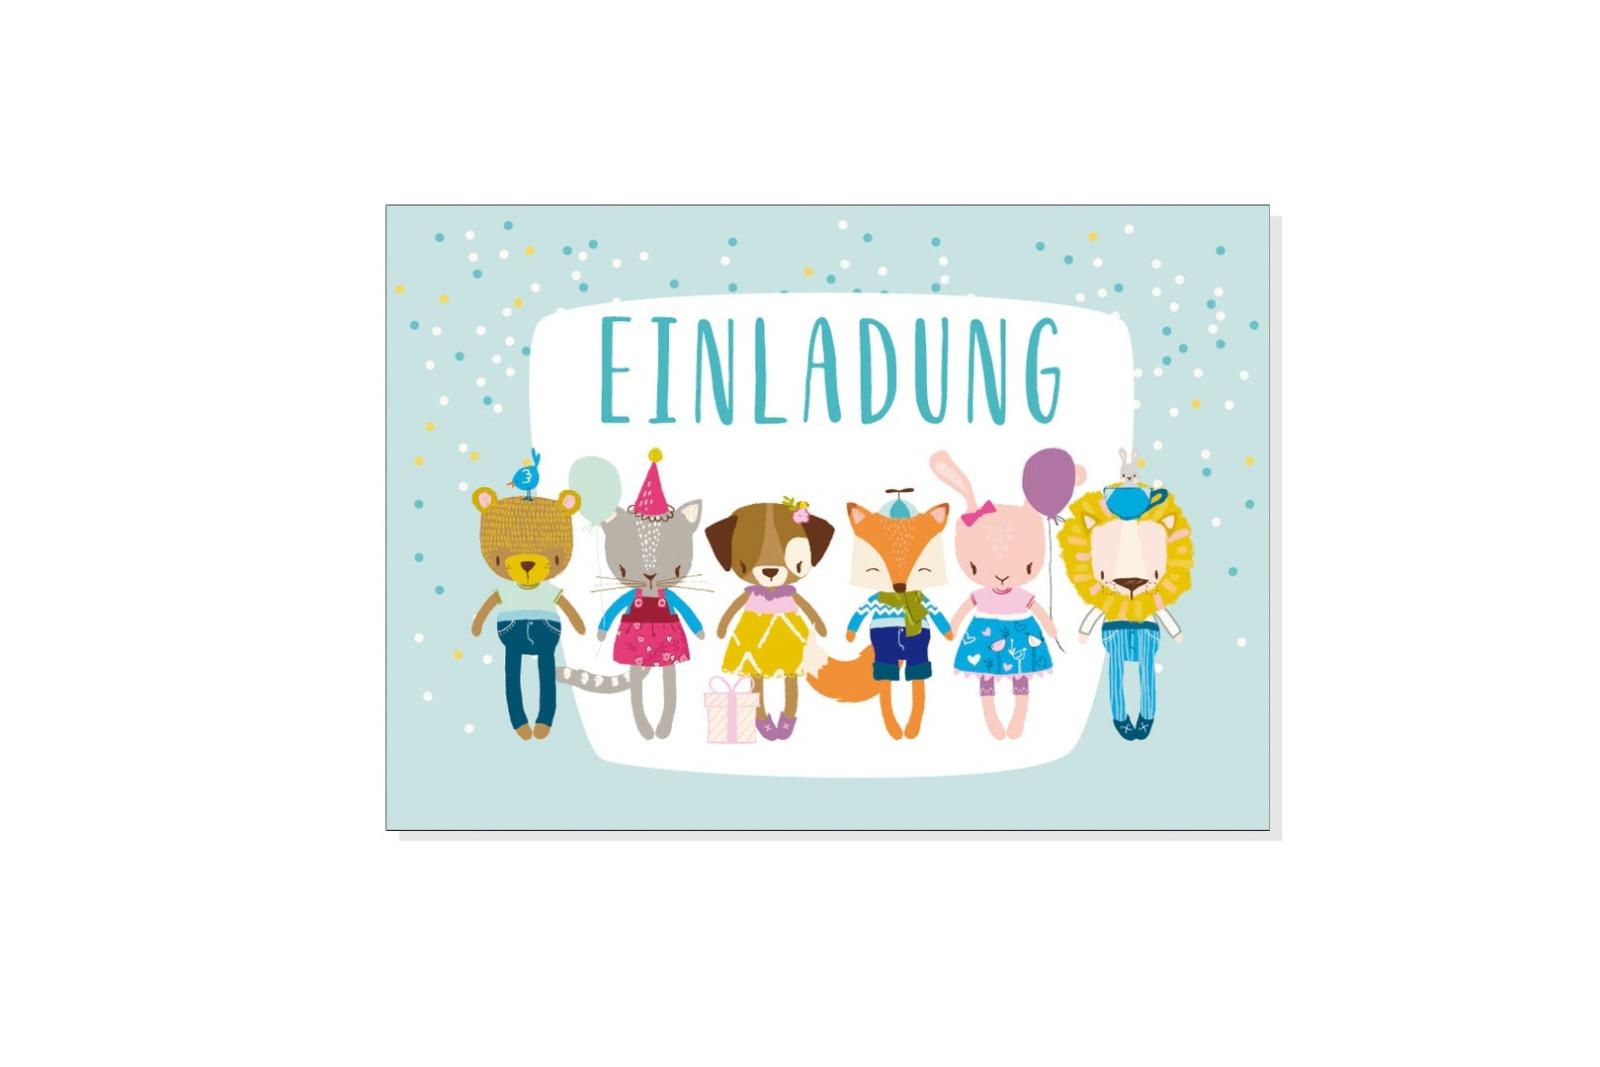 Grusskarte EINLADUNG KLEINE BANDE mit Umschlag - 1